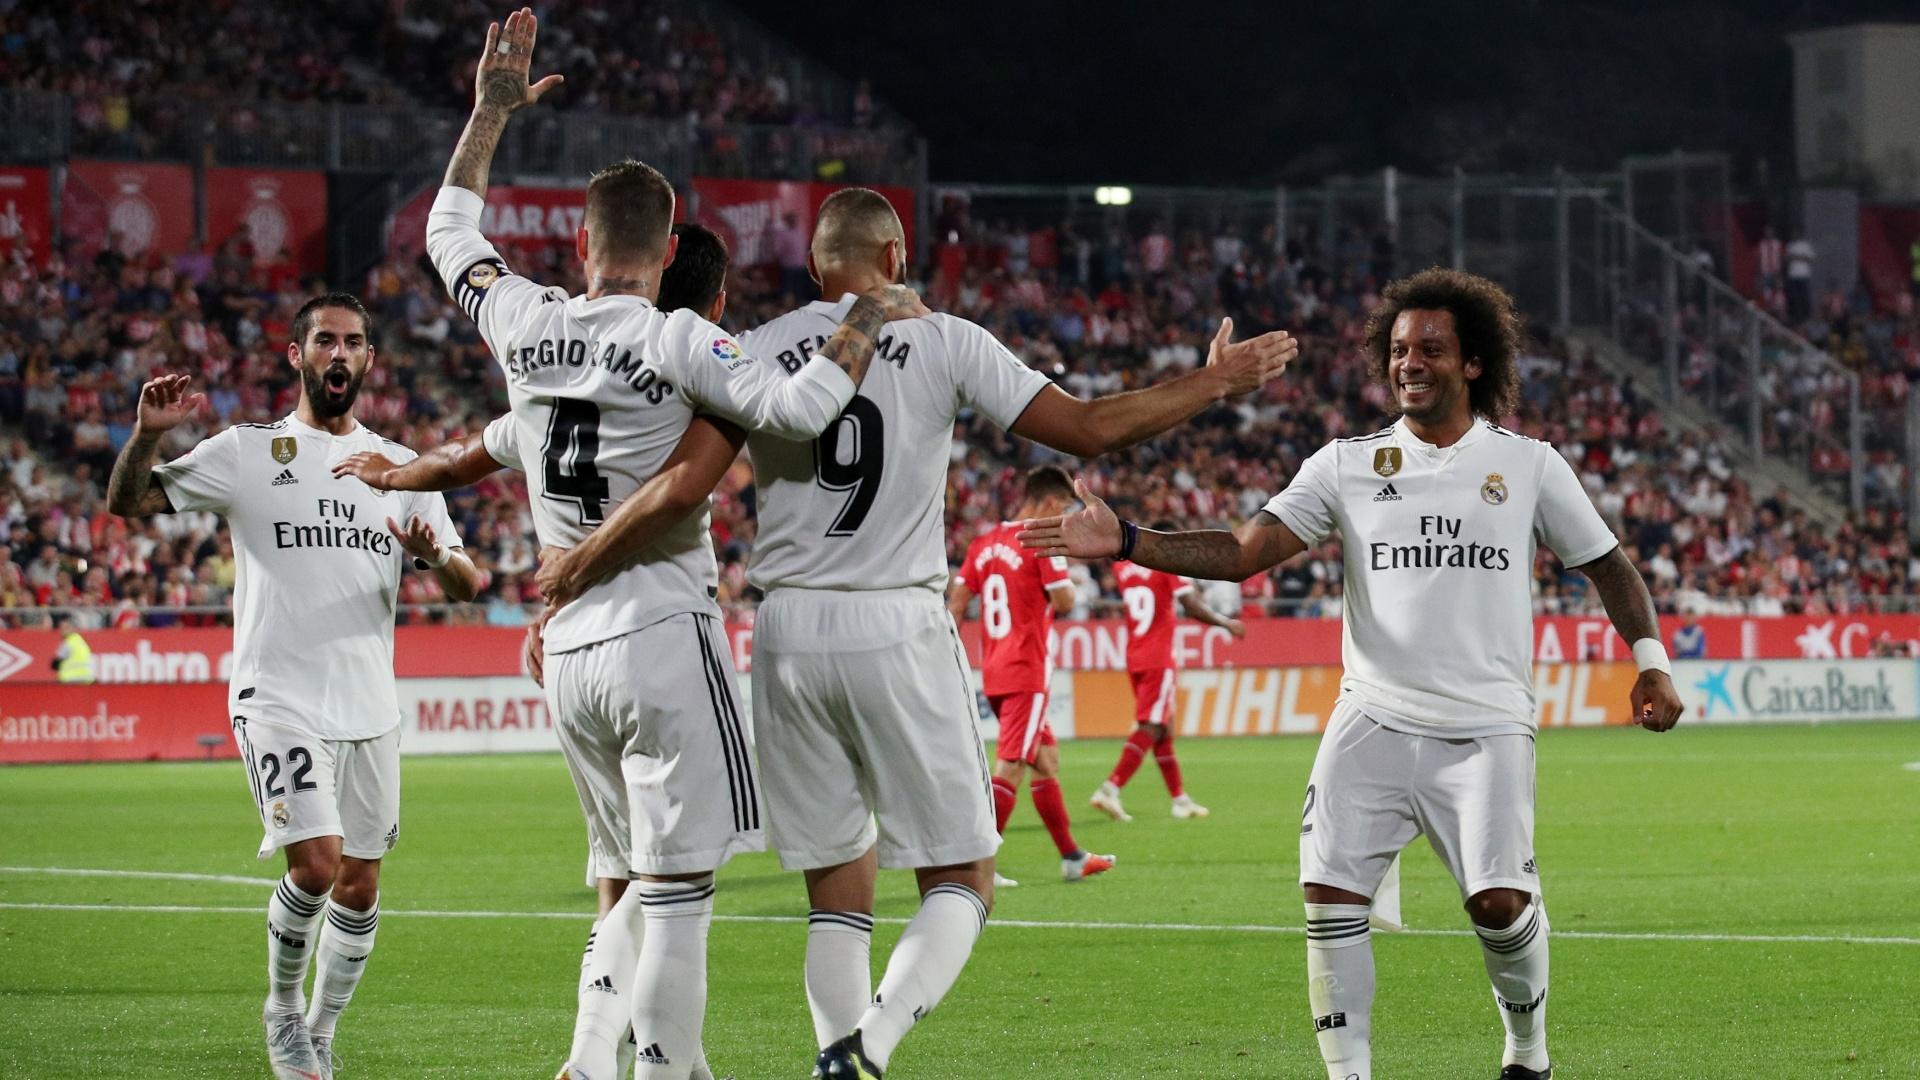 Jogadores do Real Madrid correm para celebrar o gol marcado por Benzema